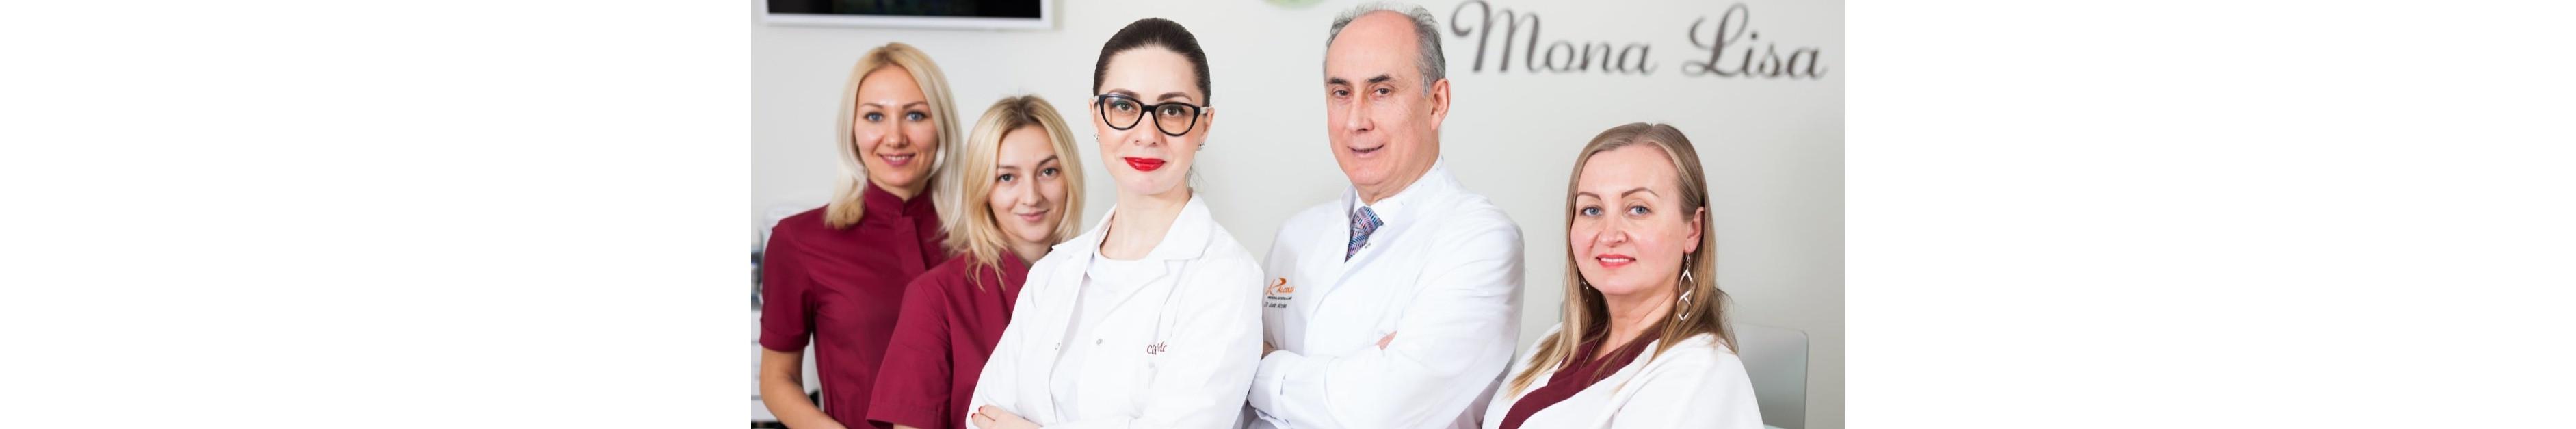 Clinica Mona Lisa - Terapia antienvejecimiento